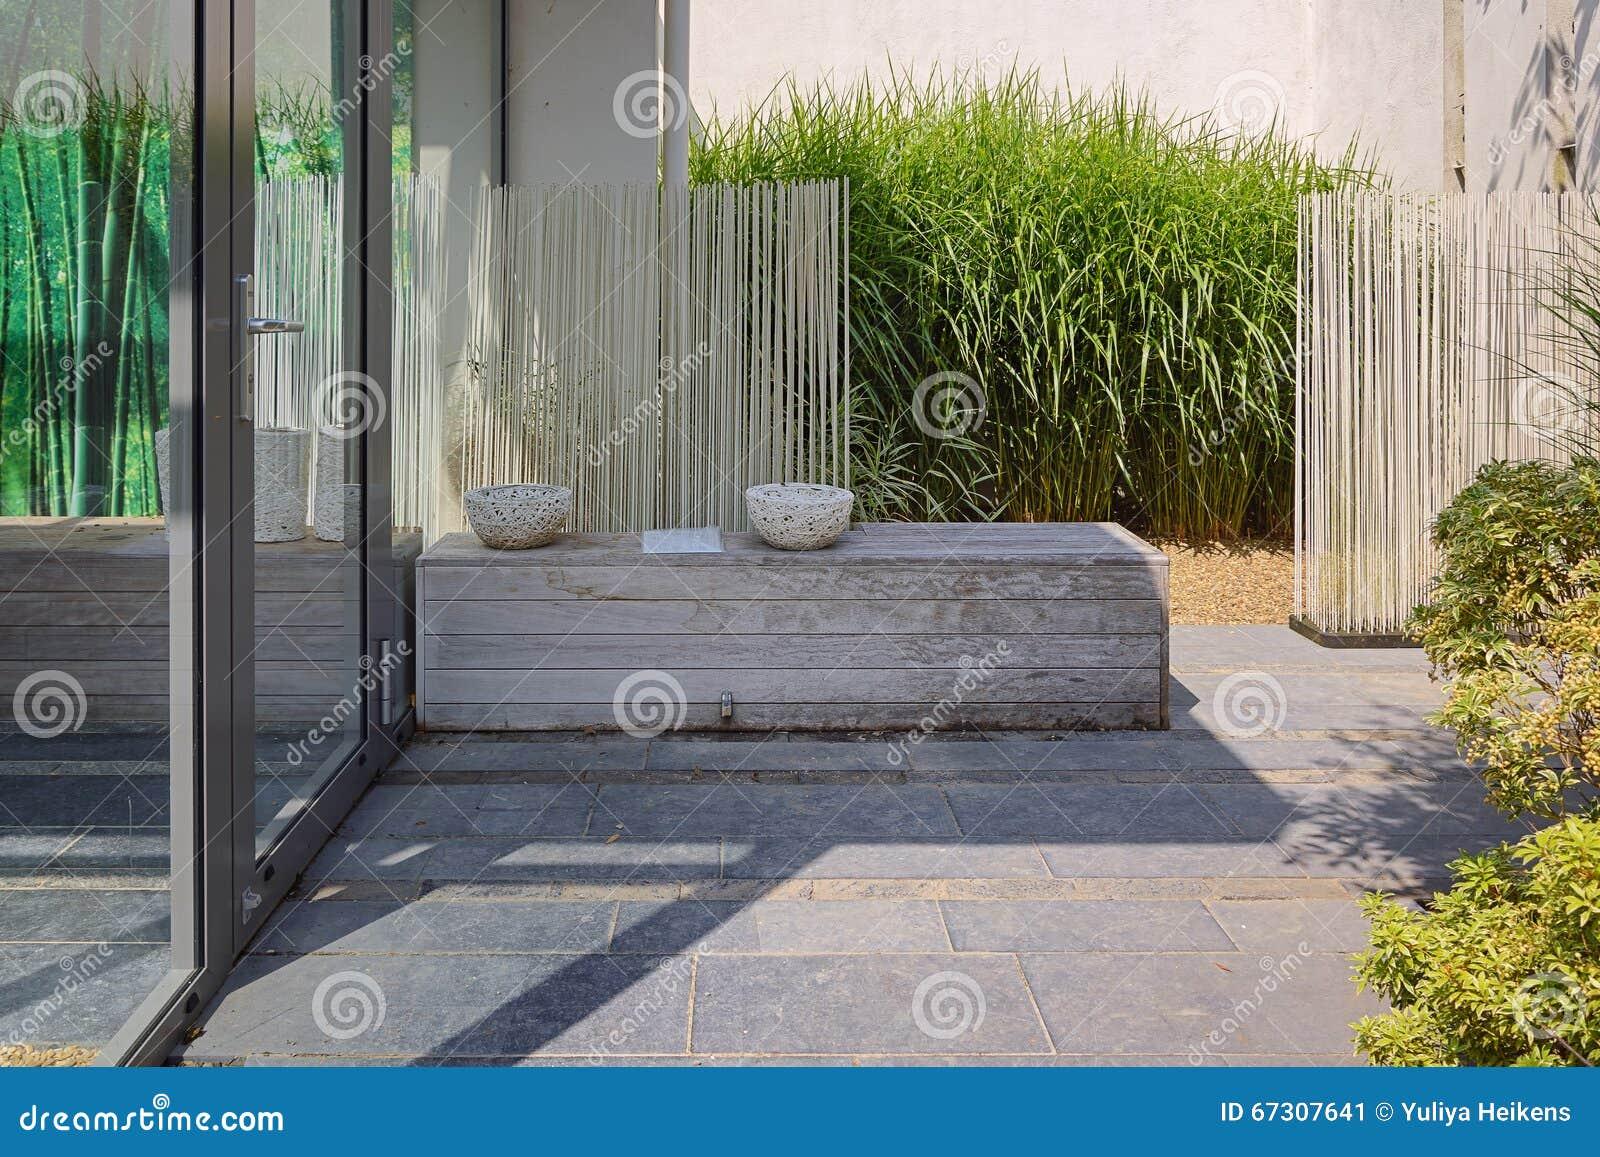 Openlucht tuin idee wolterinck tuin landschap wolterinck laren